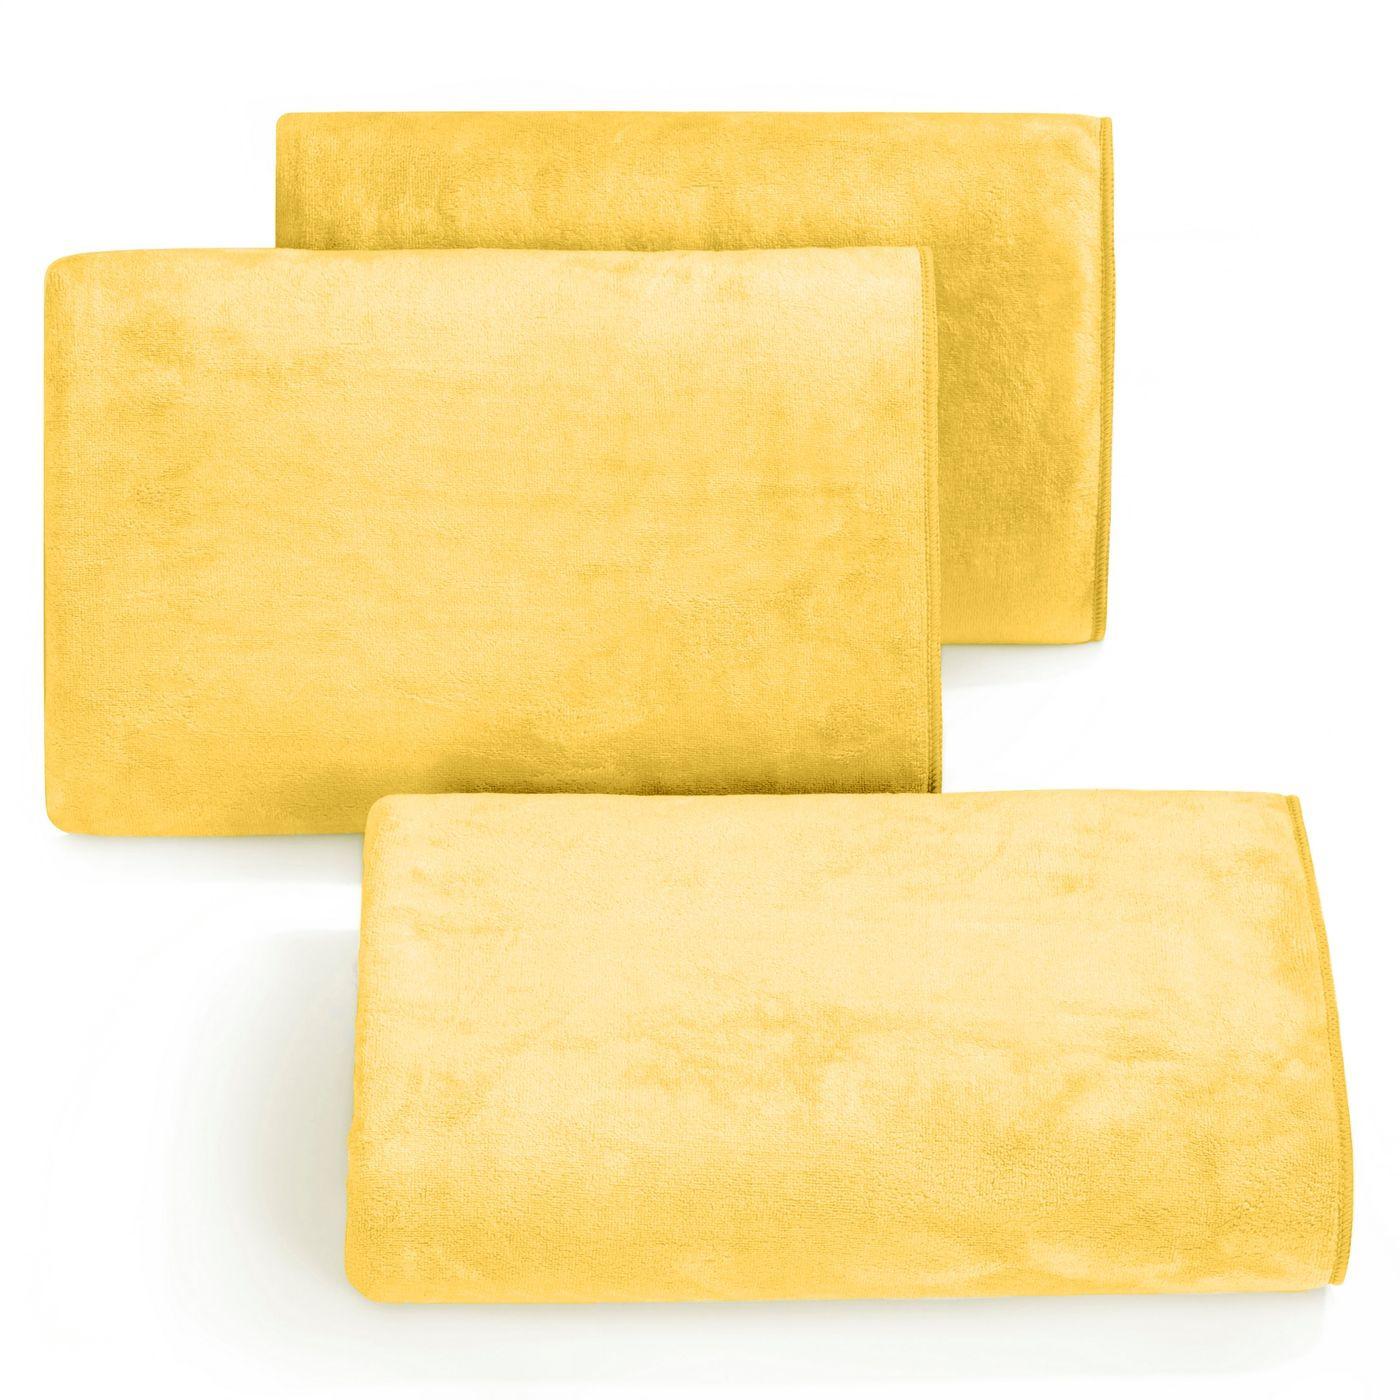 Ręcznik z mikrofibry szybkoschnący żółty 50x90cm